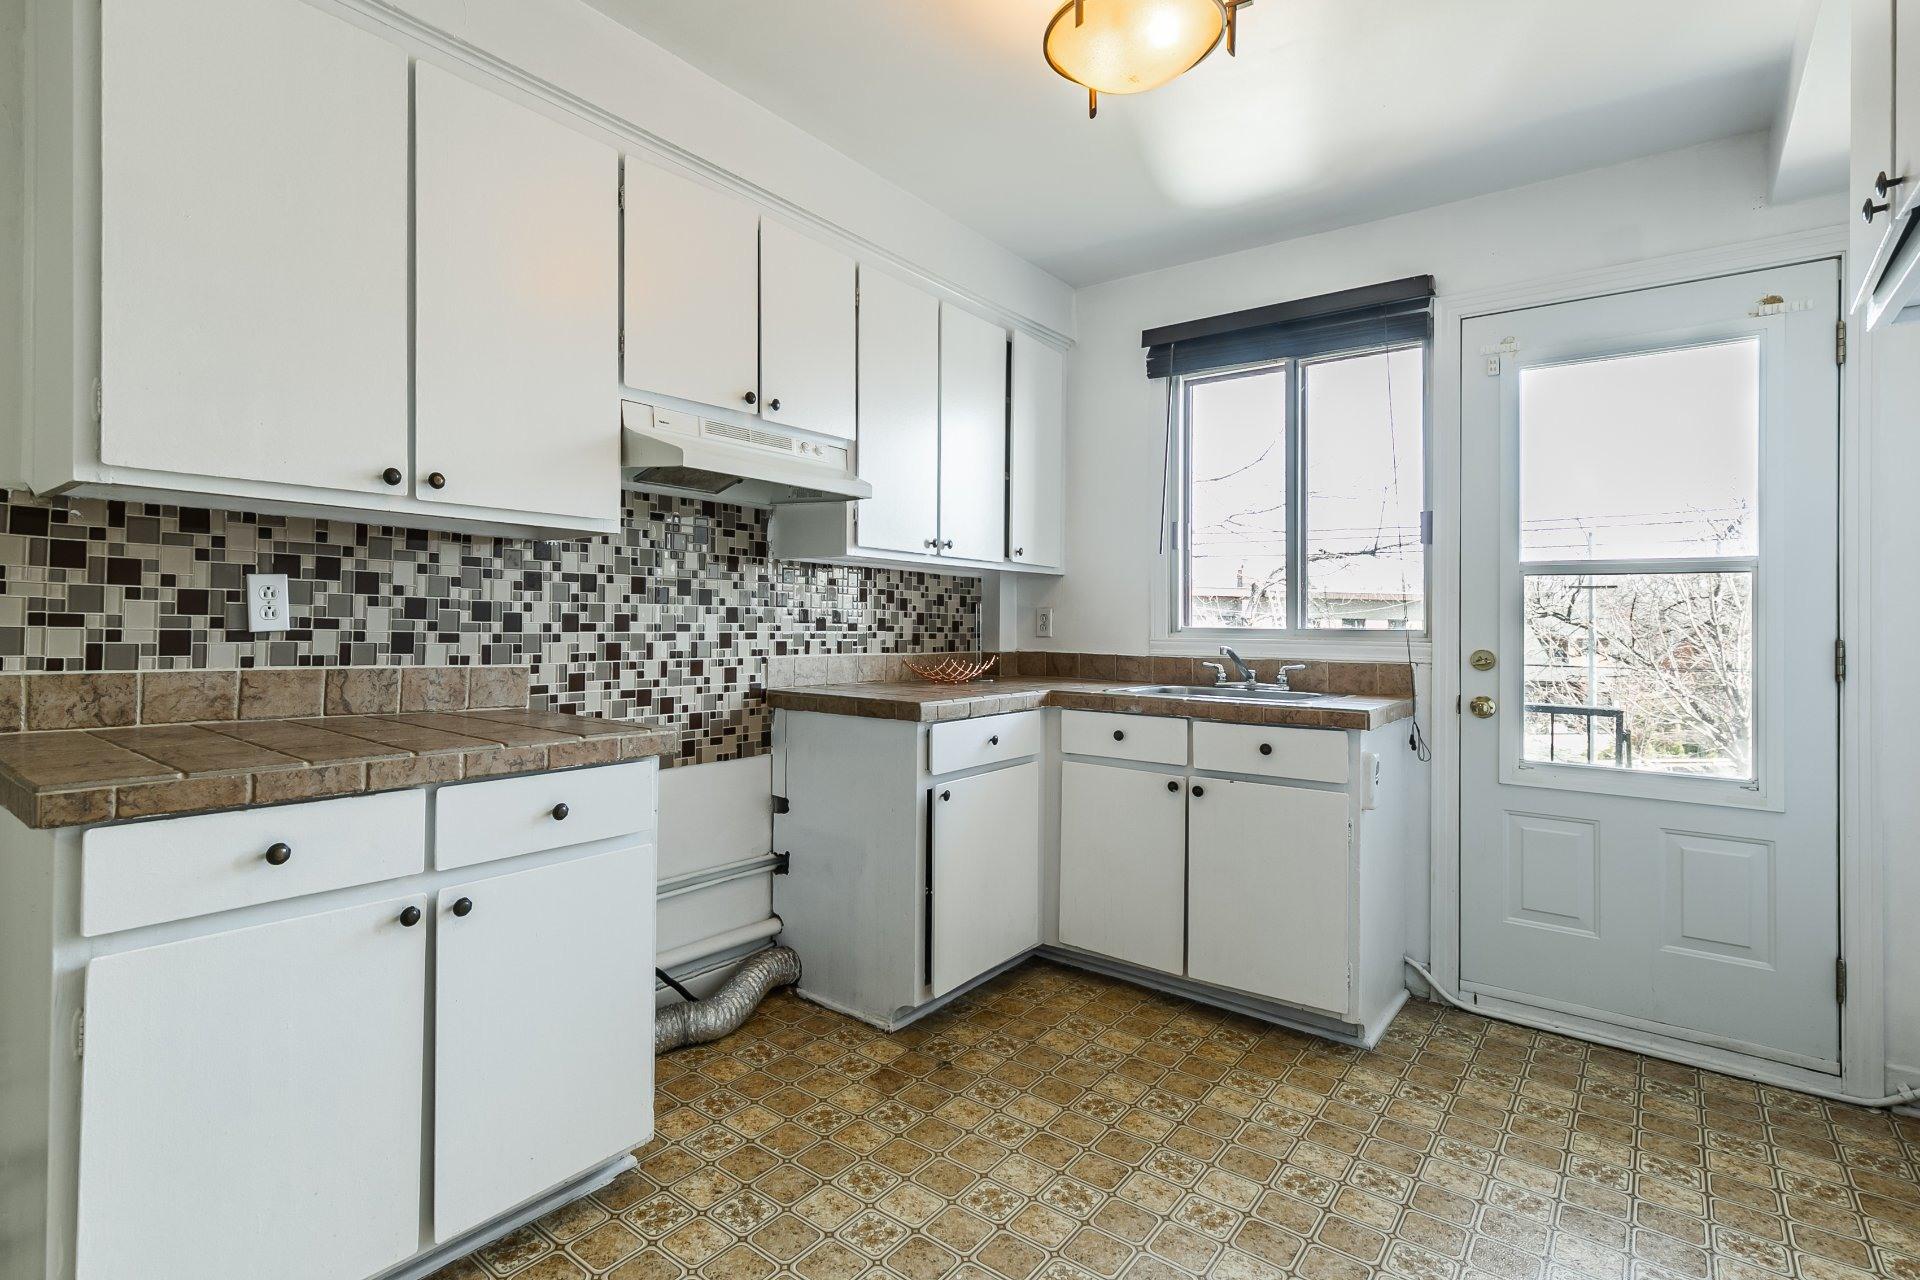 image 3 - Apartment For rent Anjou Montréal  - 5 rooms